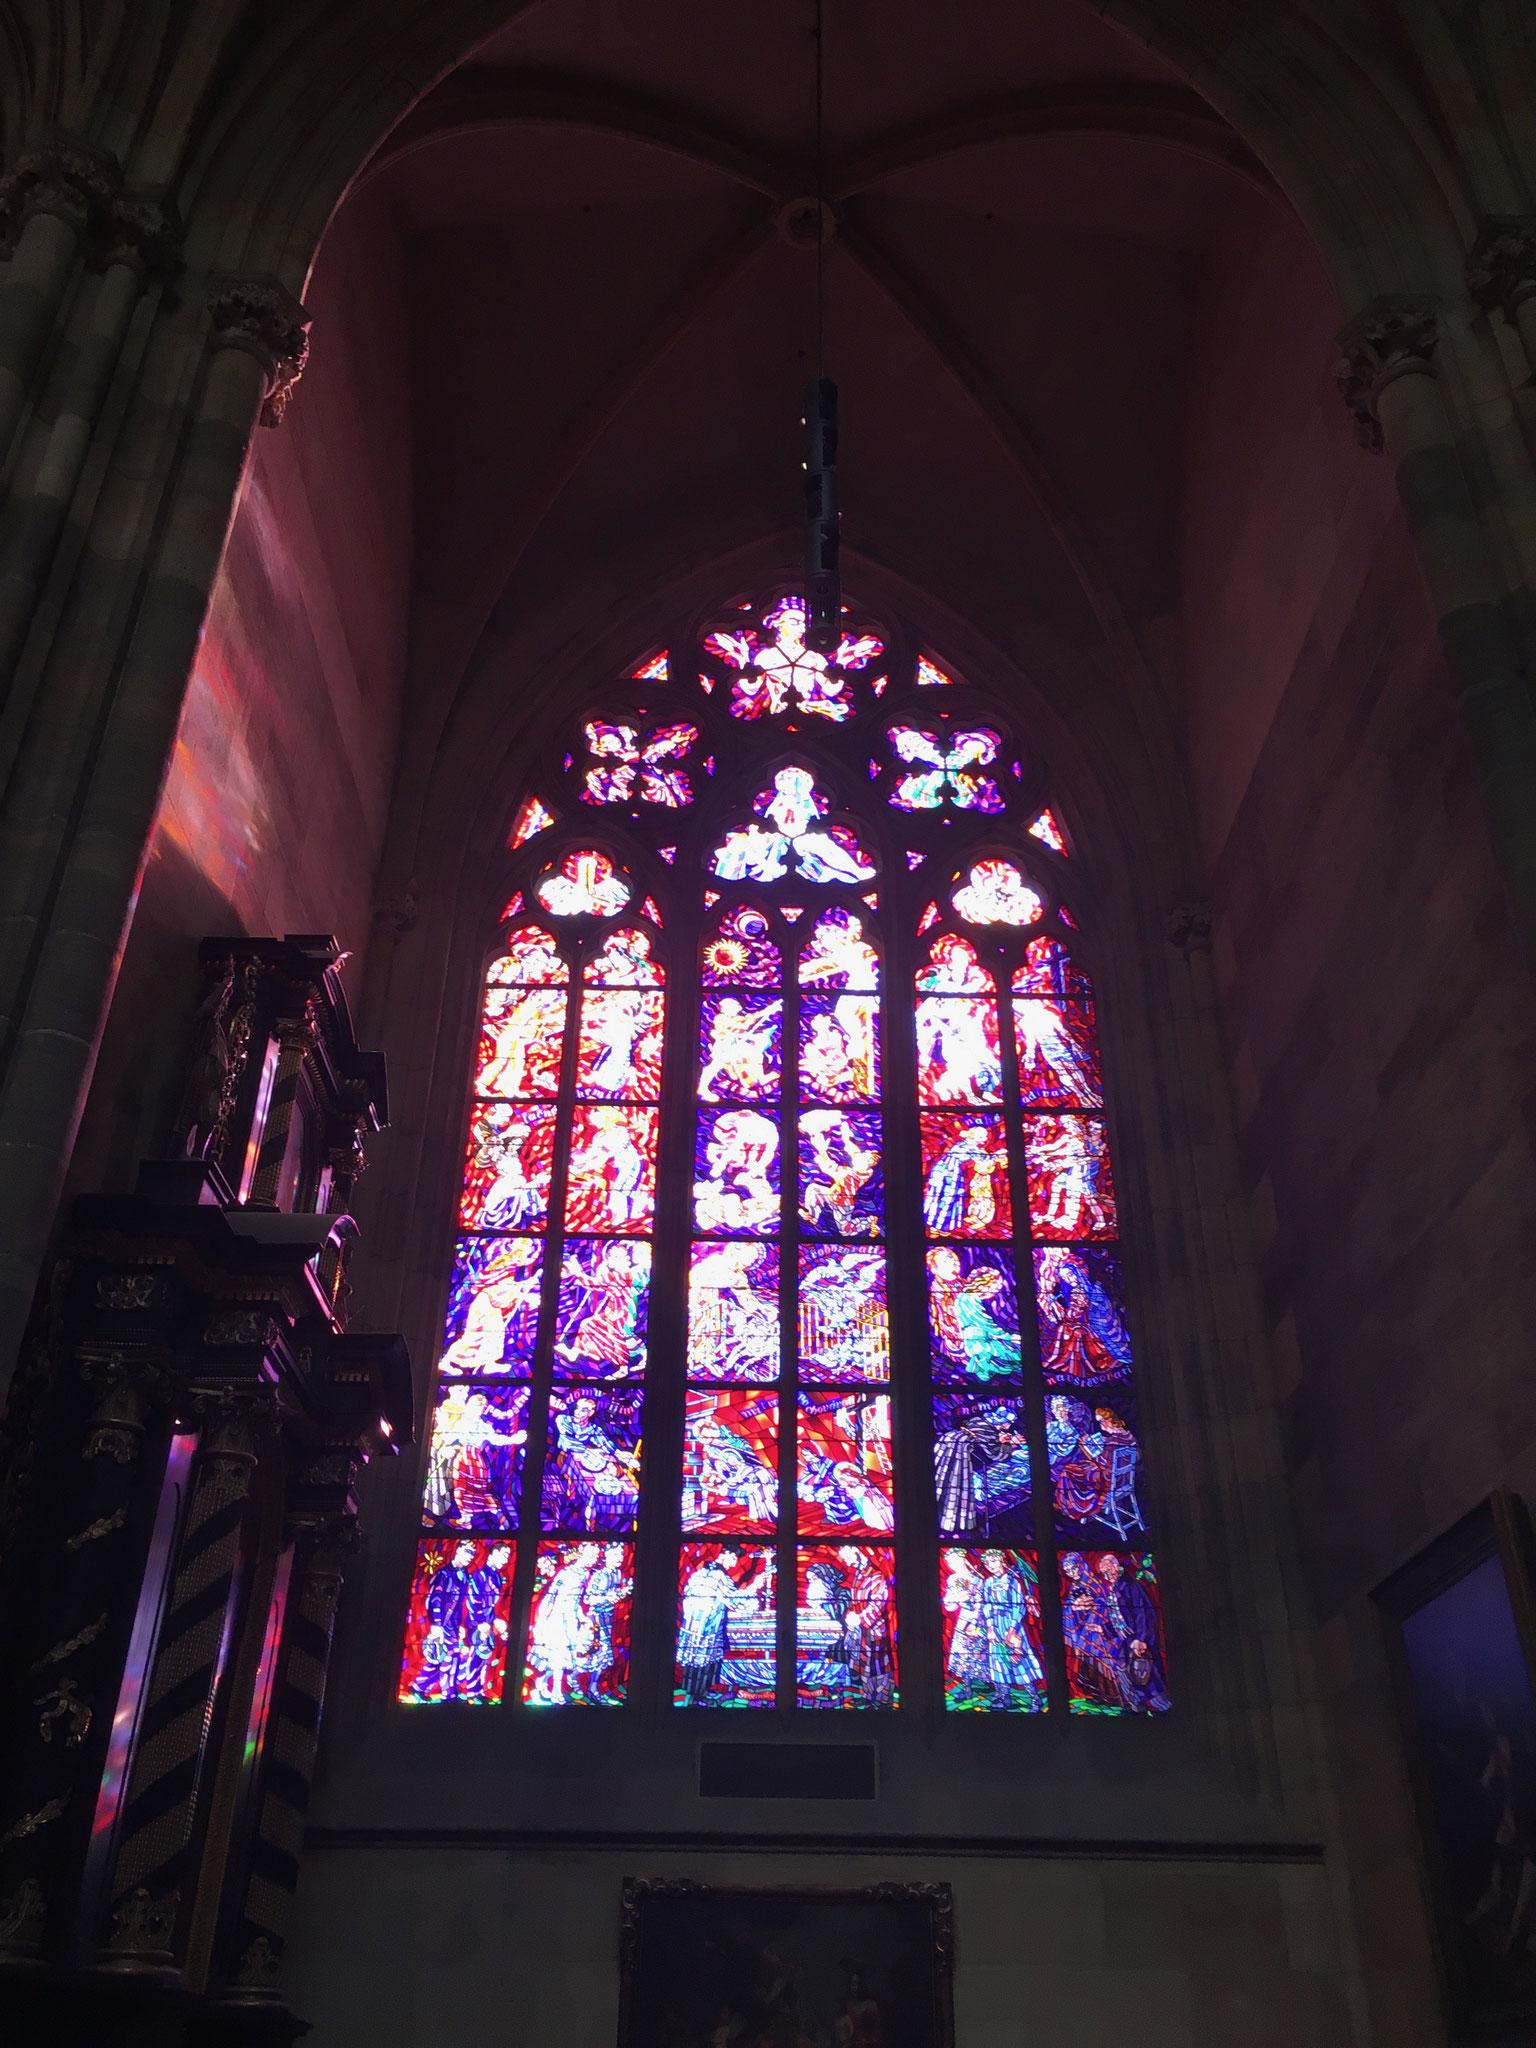 eines der vielen wunderschönen Glasfenster im Veits Dom